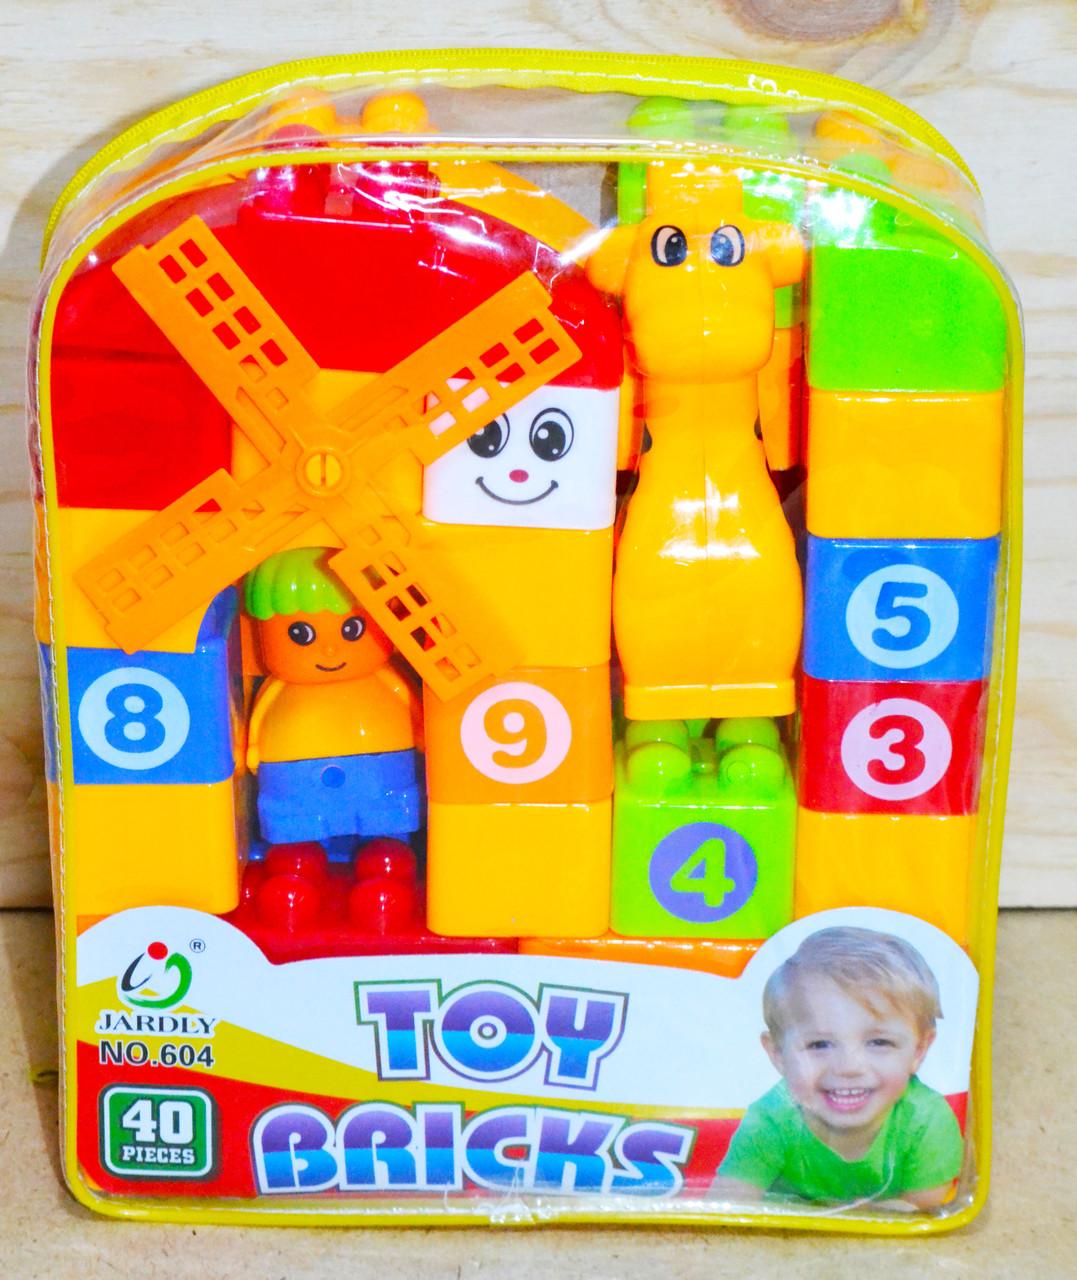 604 Конструктор в рюкзаке Toy Bricks жираф/мельница 40 деталей 23*19